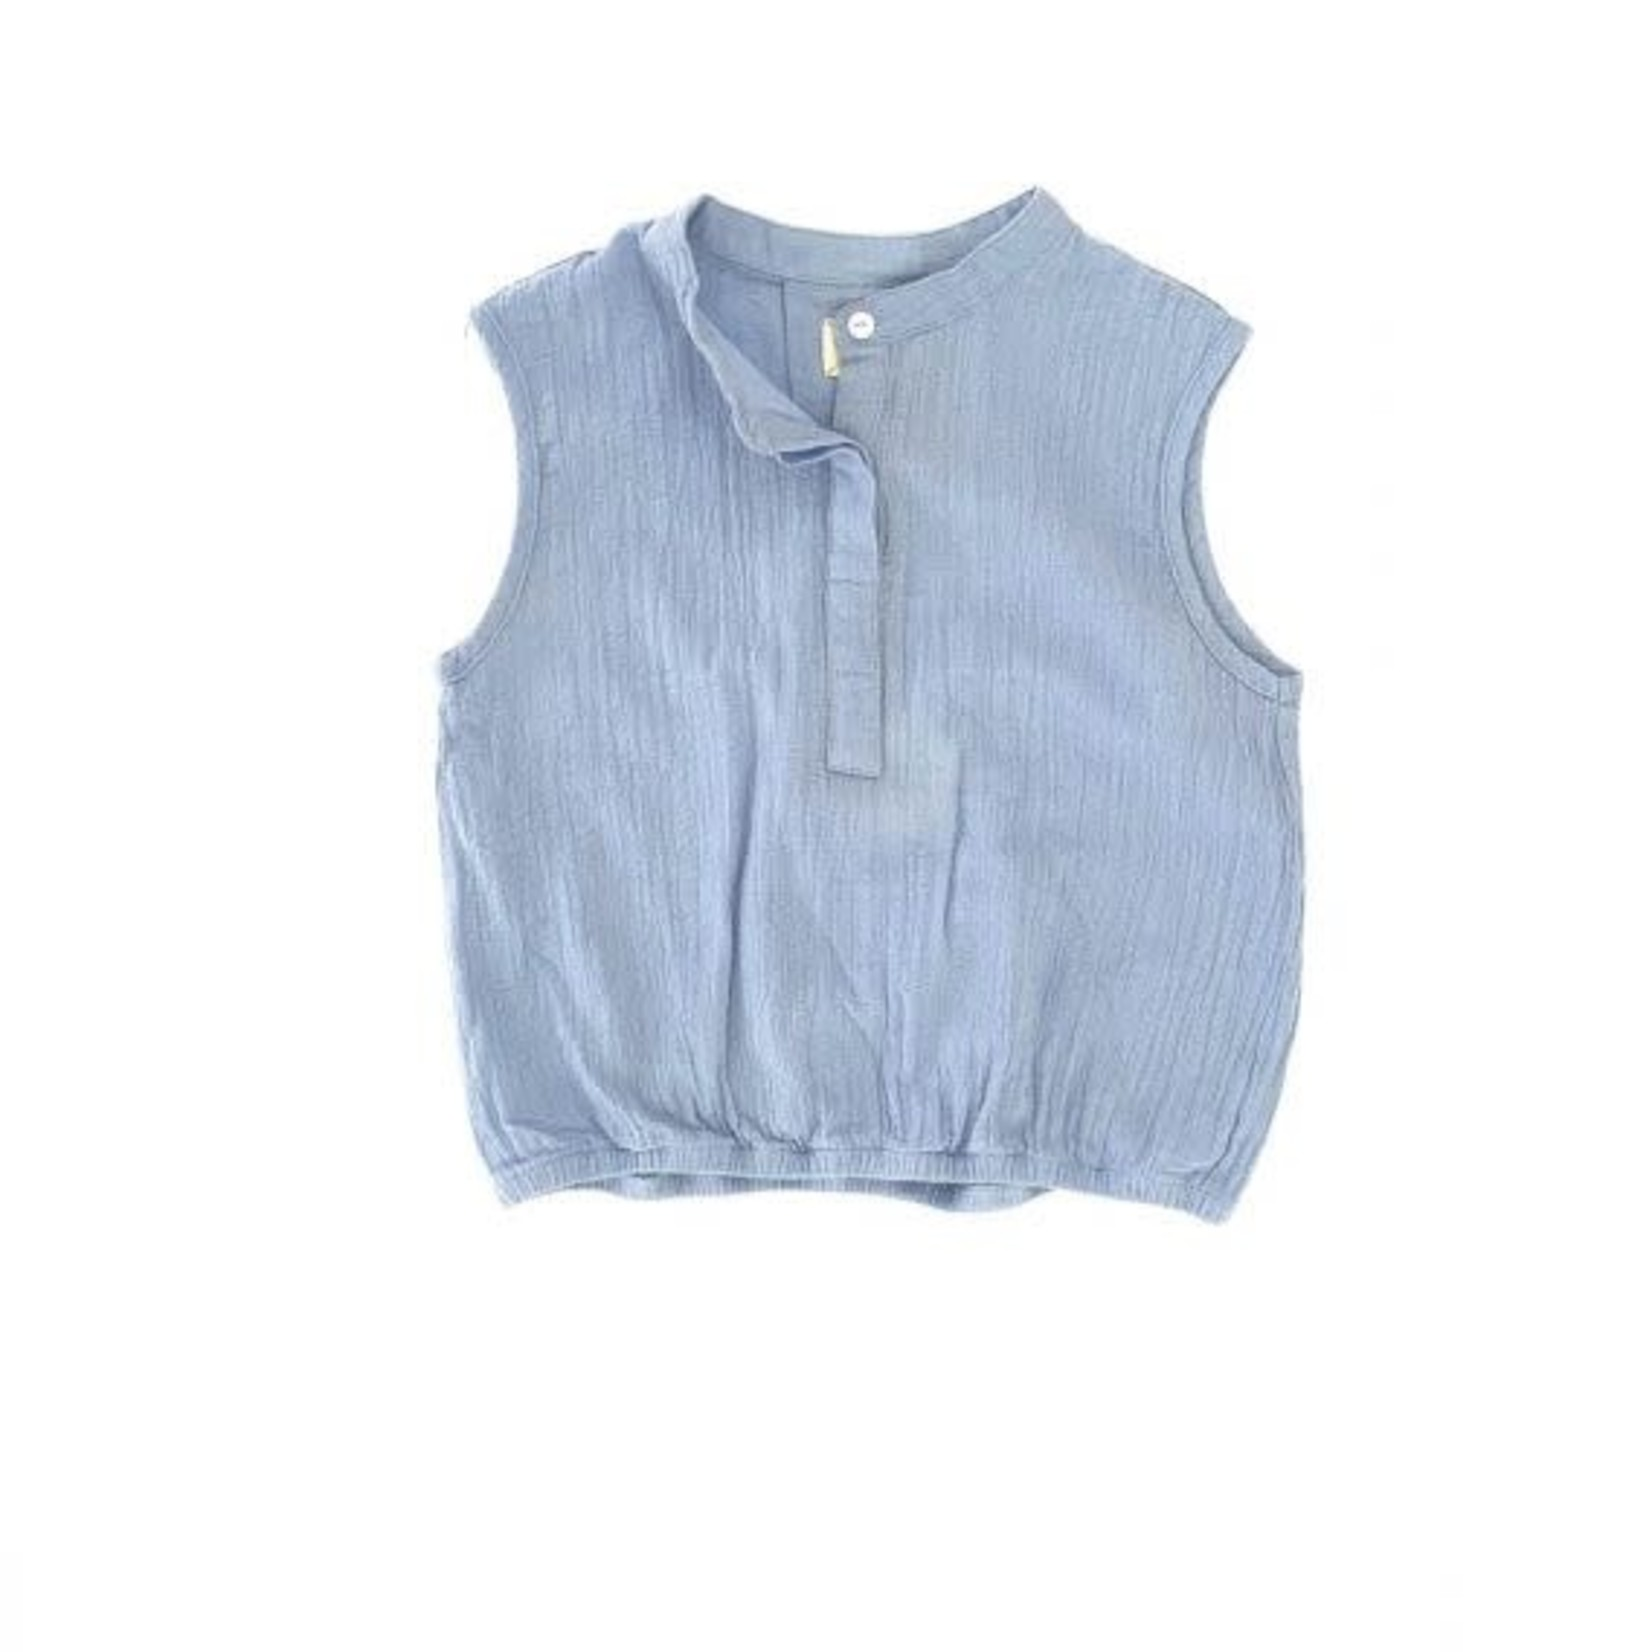 LONG LIVE THE QUEEN LLTQ NEW sleeveless blouse